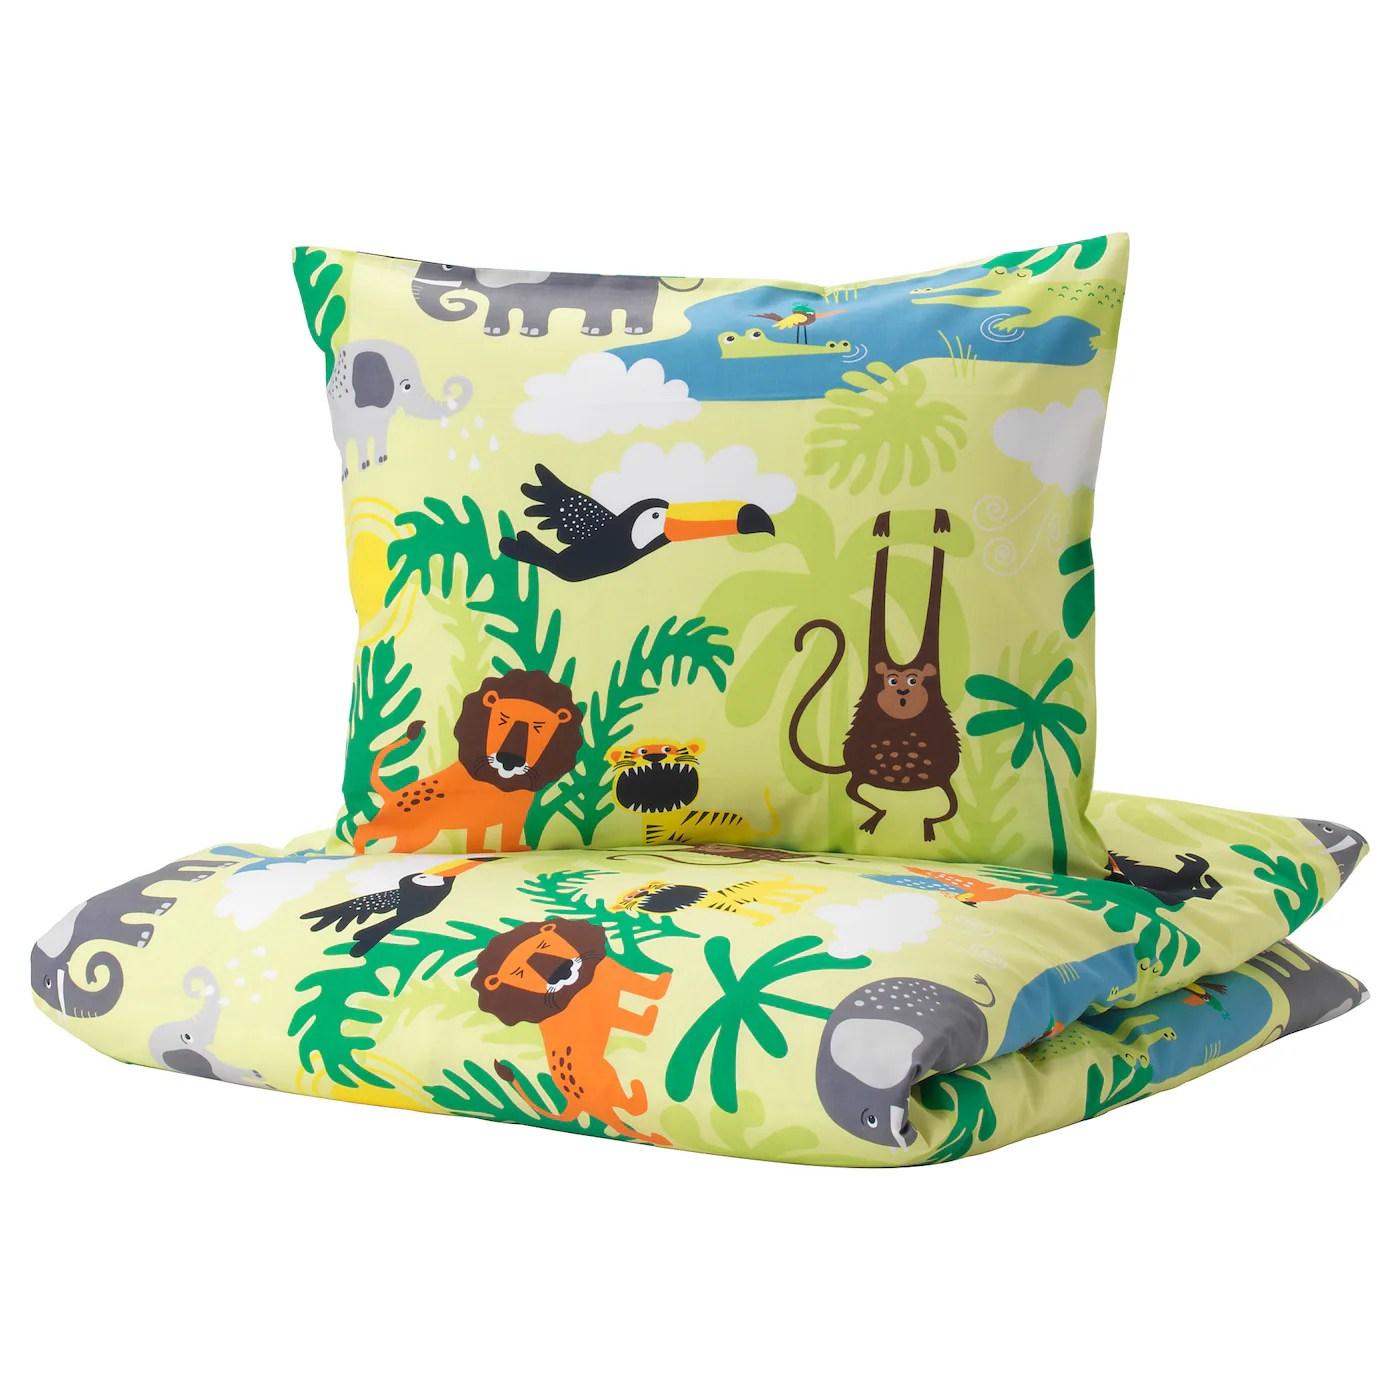 Djungelskog Housse De Couette Et Taie Animal Vert 150x200 65x65 Cm Ikea